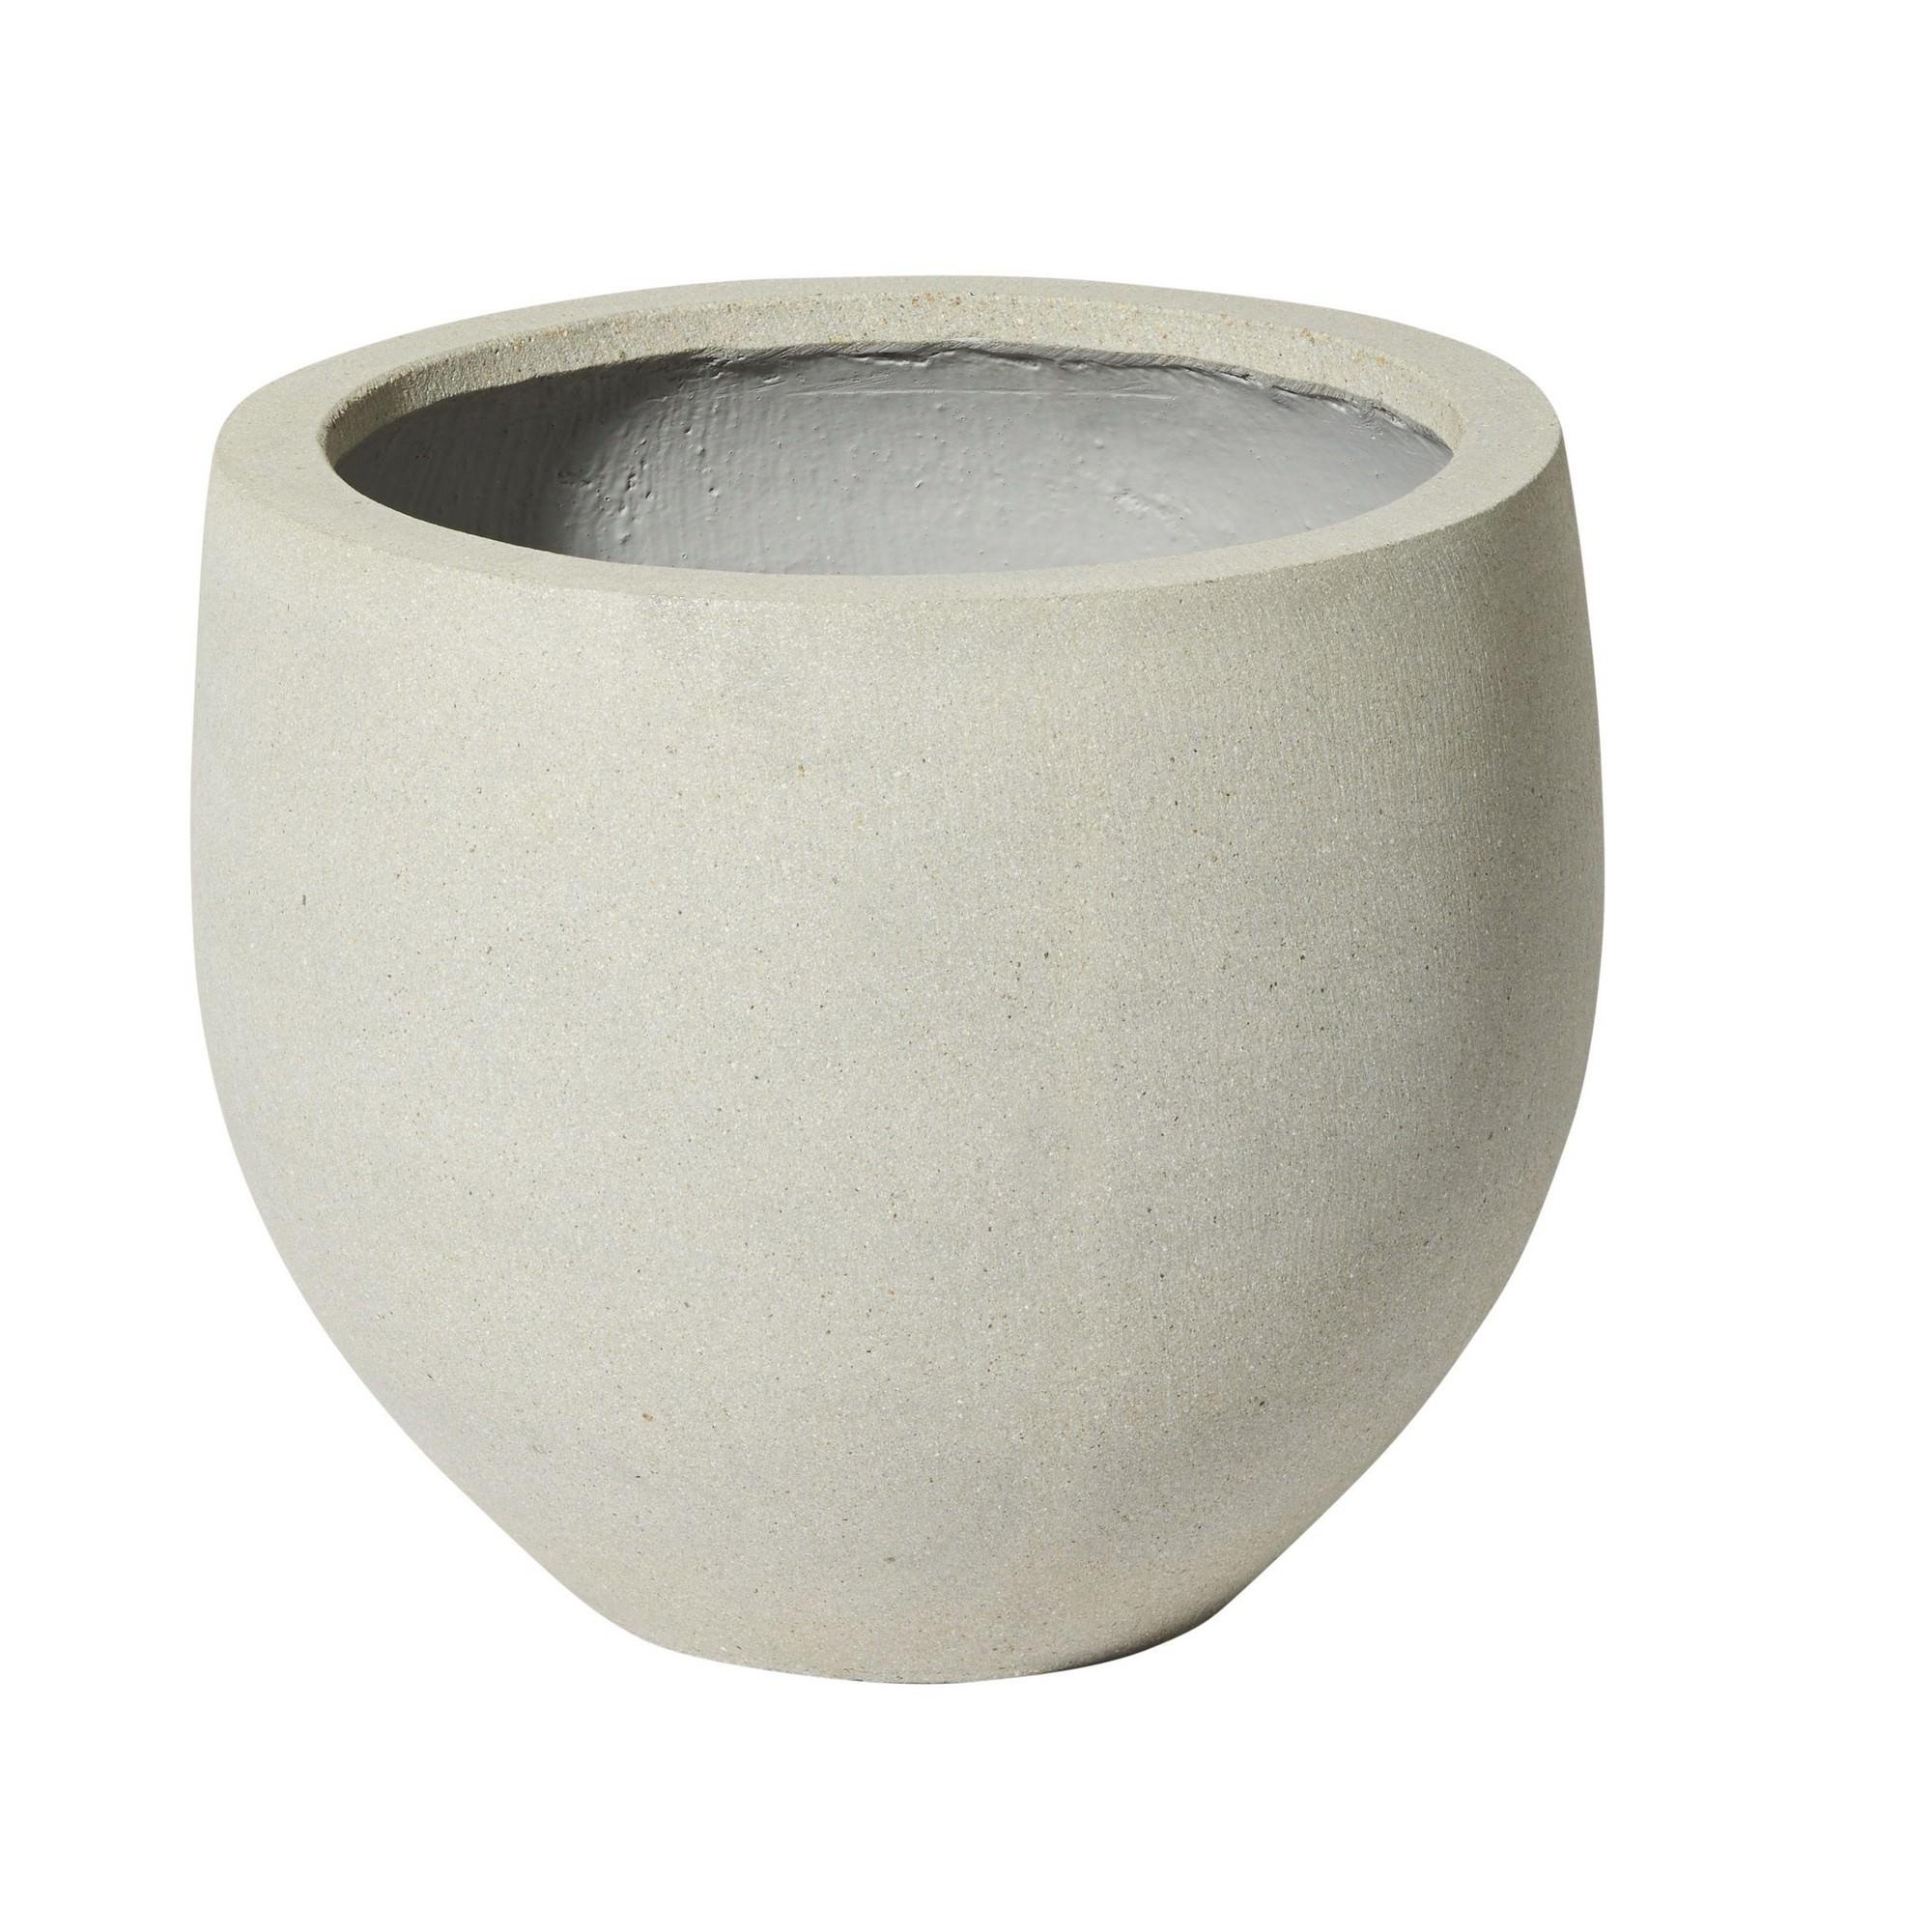 Angus Ficonstone Planter, Medium, Light Grey